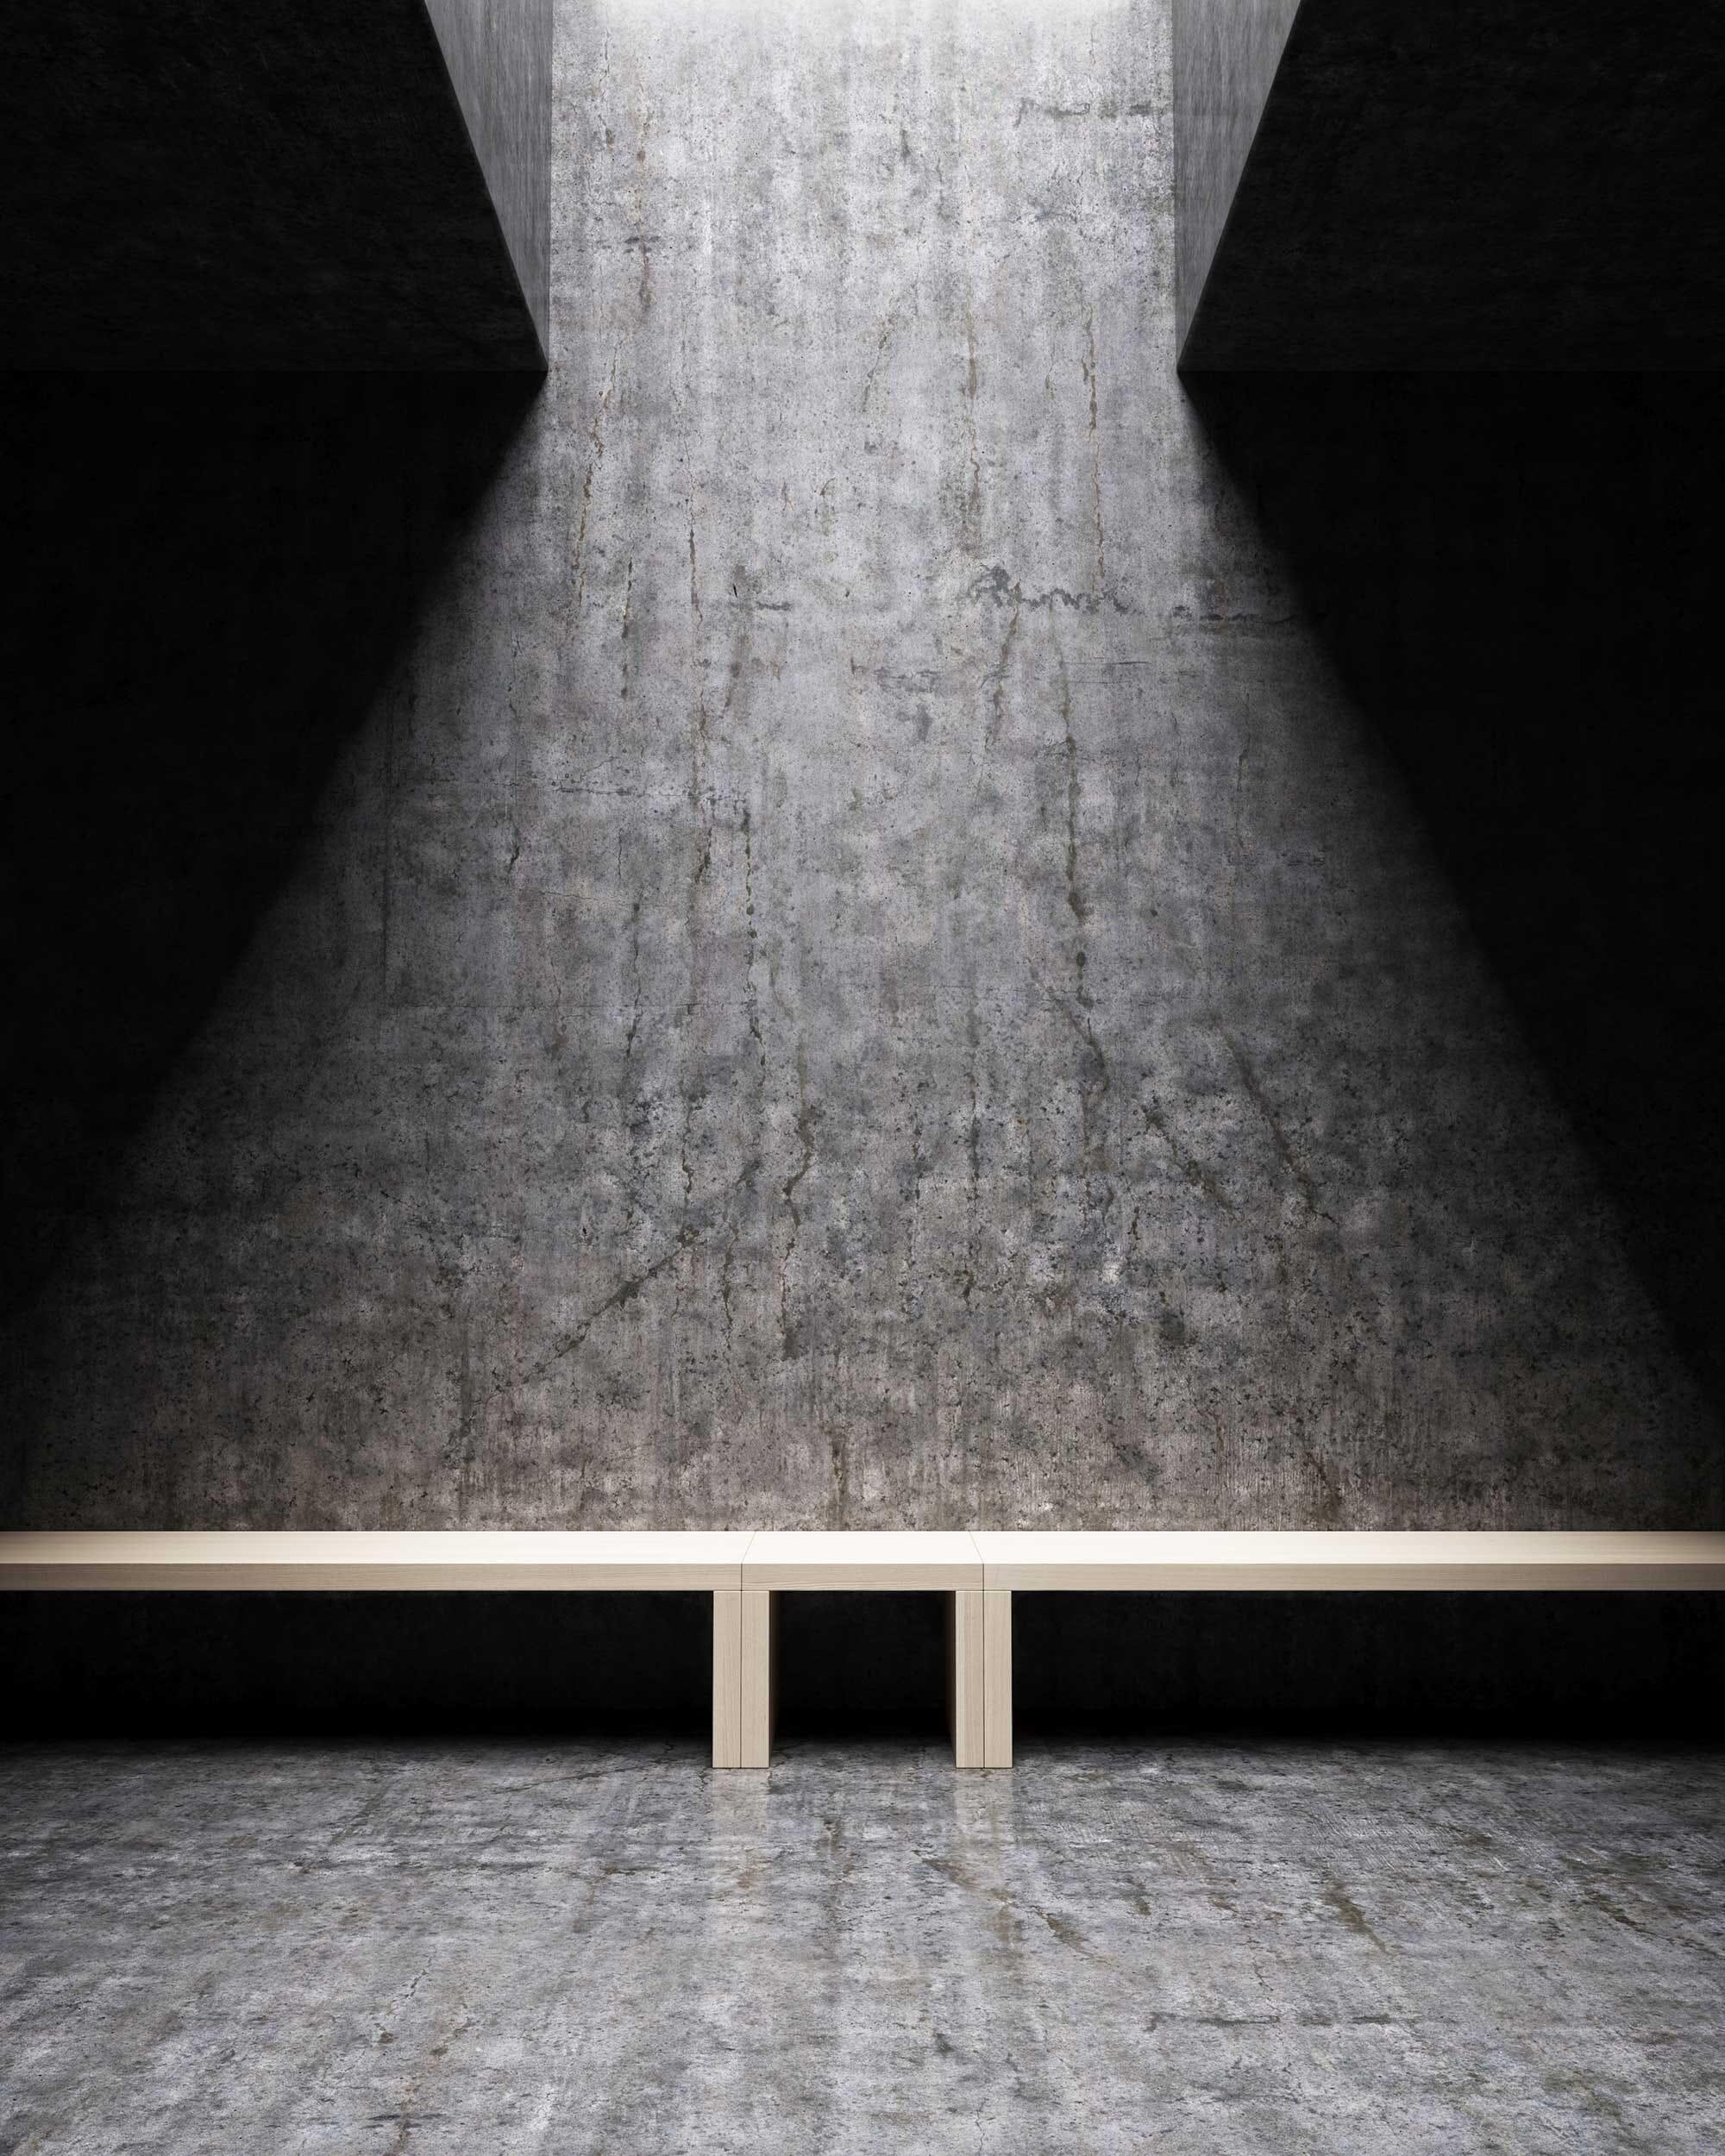 Image 3D béton & lumière